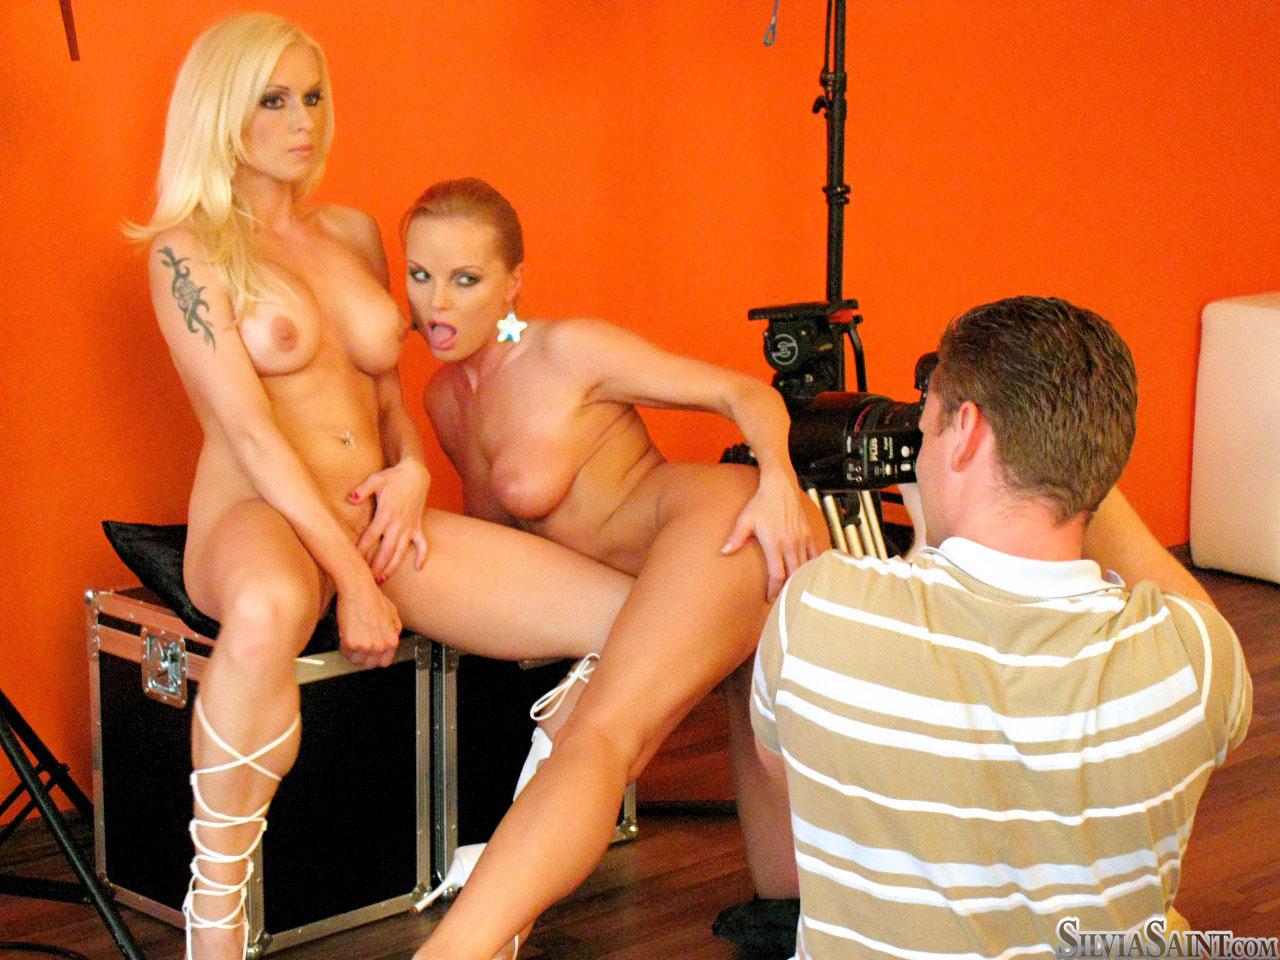 Съемка порно за кулисами порно, Съемки русского порно за кадром Русские порно 8 фотография